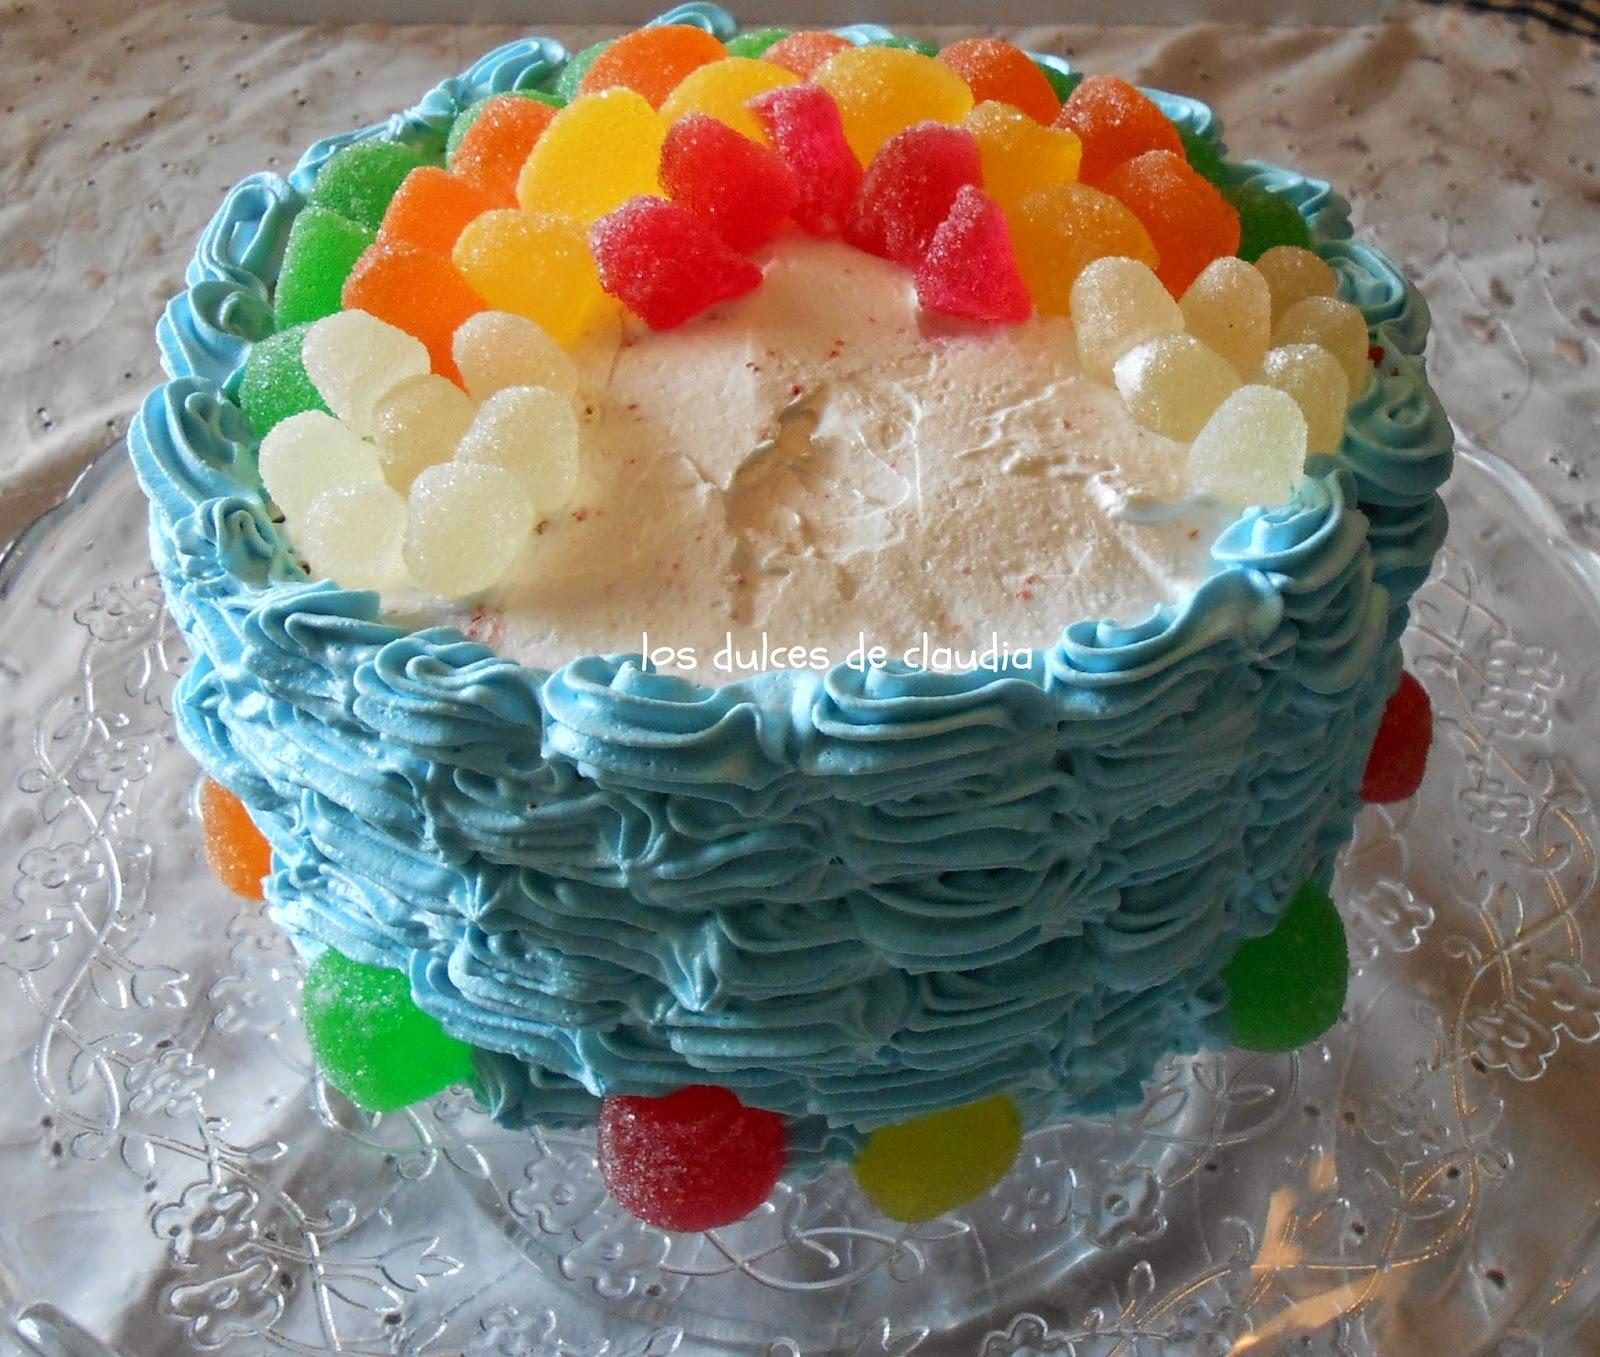 Torta arco iris con gominolas